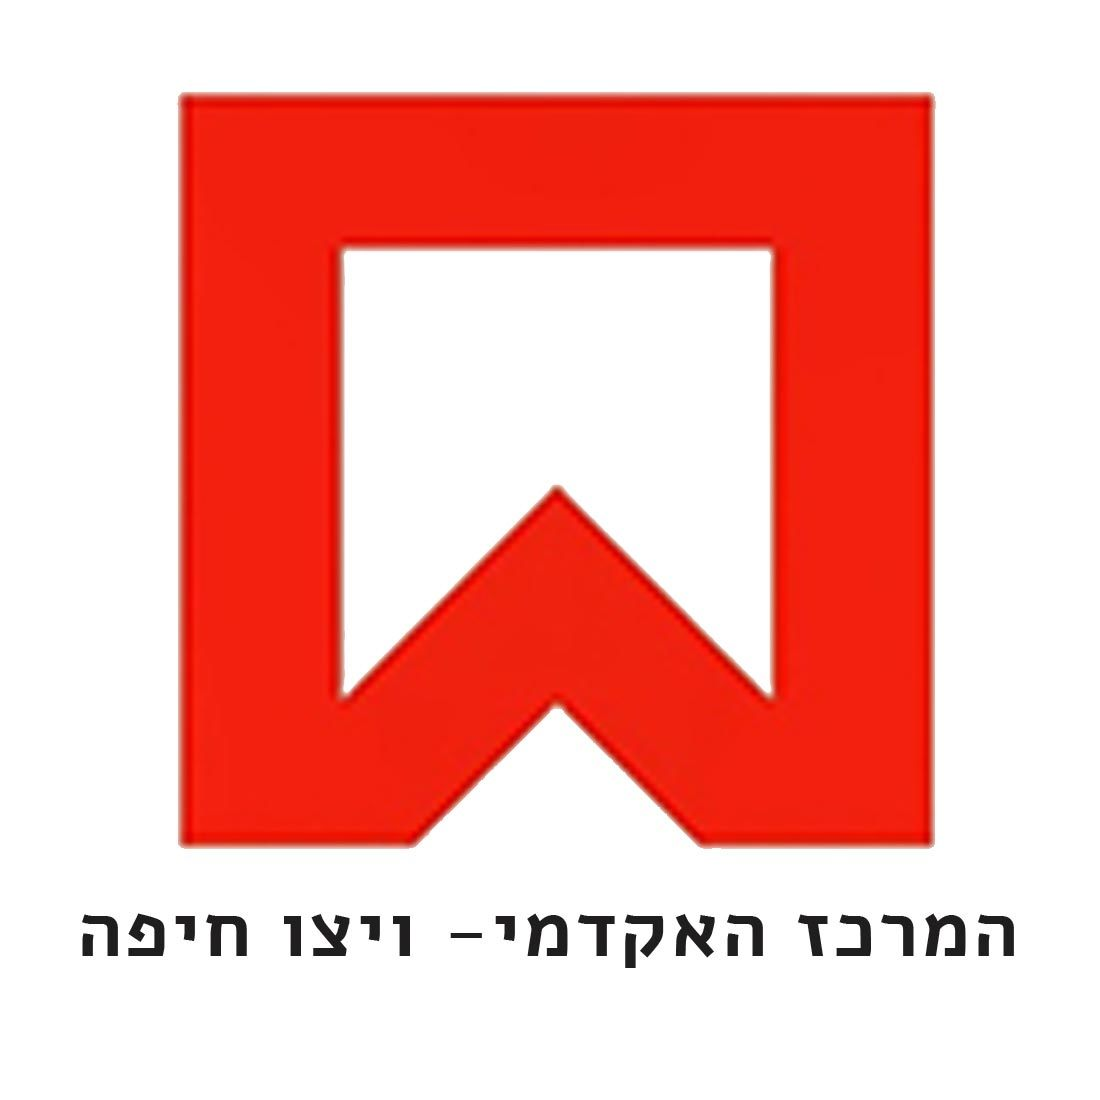 """מכינה למסלול לעיצוב בויצ""""ו חיפה"""